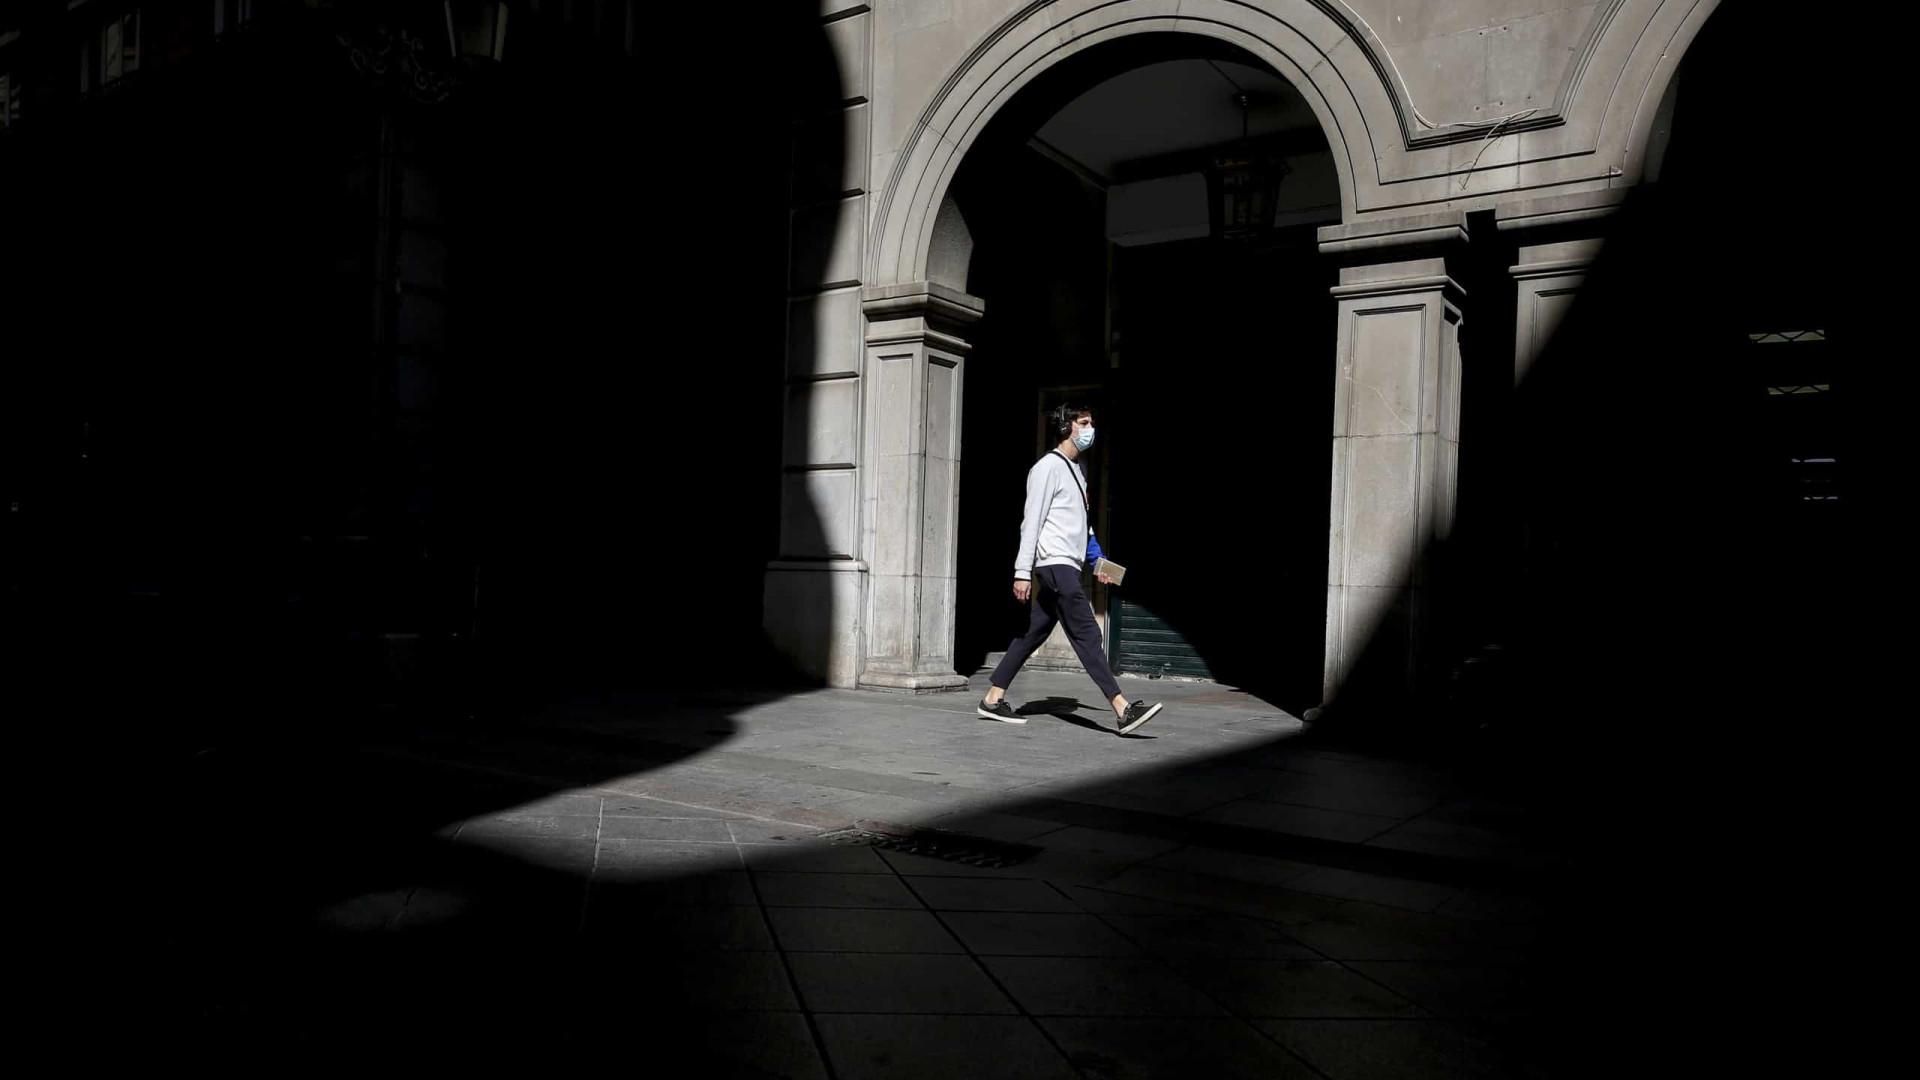 Espanha reporta mais 337 mortes, ultrapassa 3,1 milhões de casos